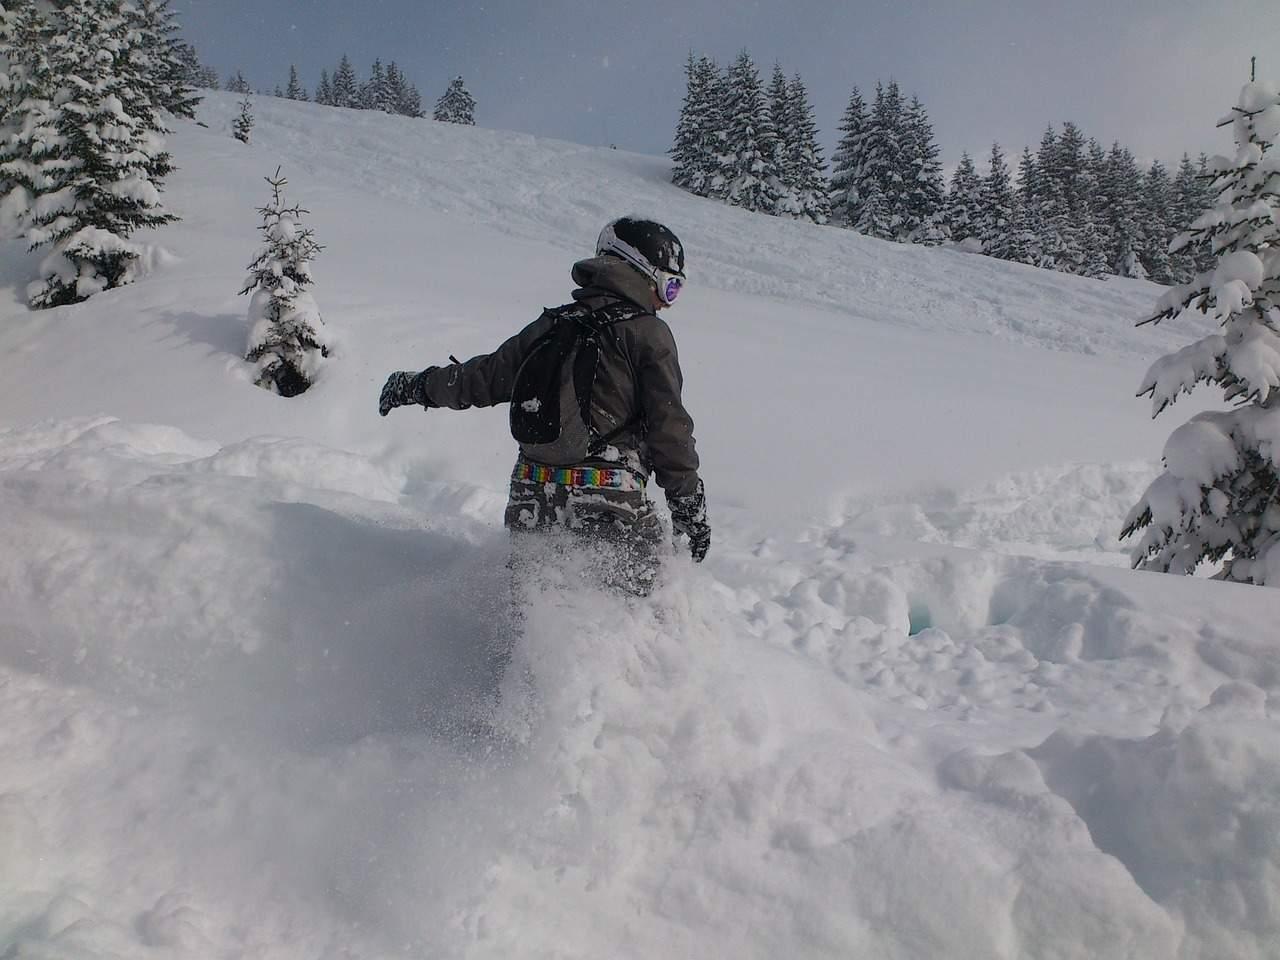 Winterplausch Rothwald